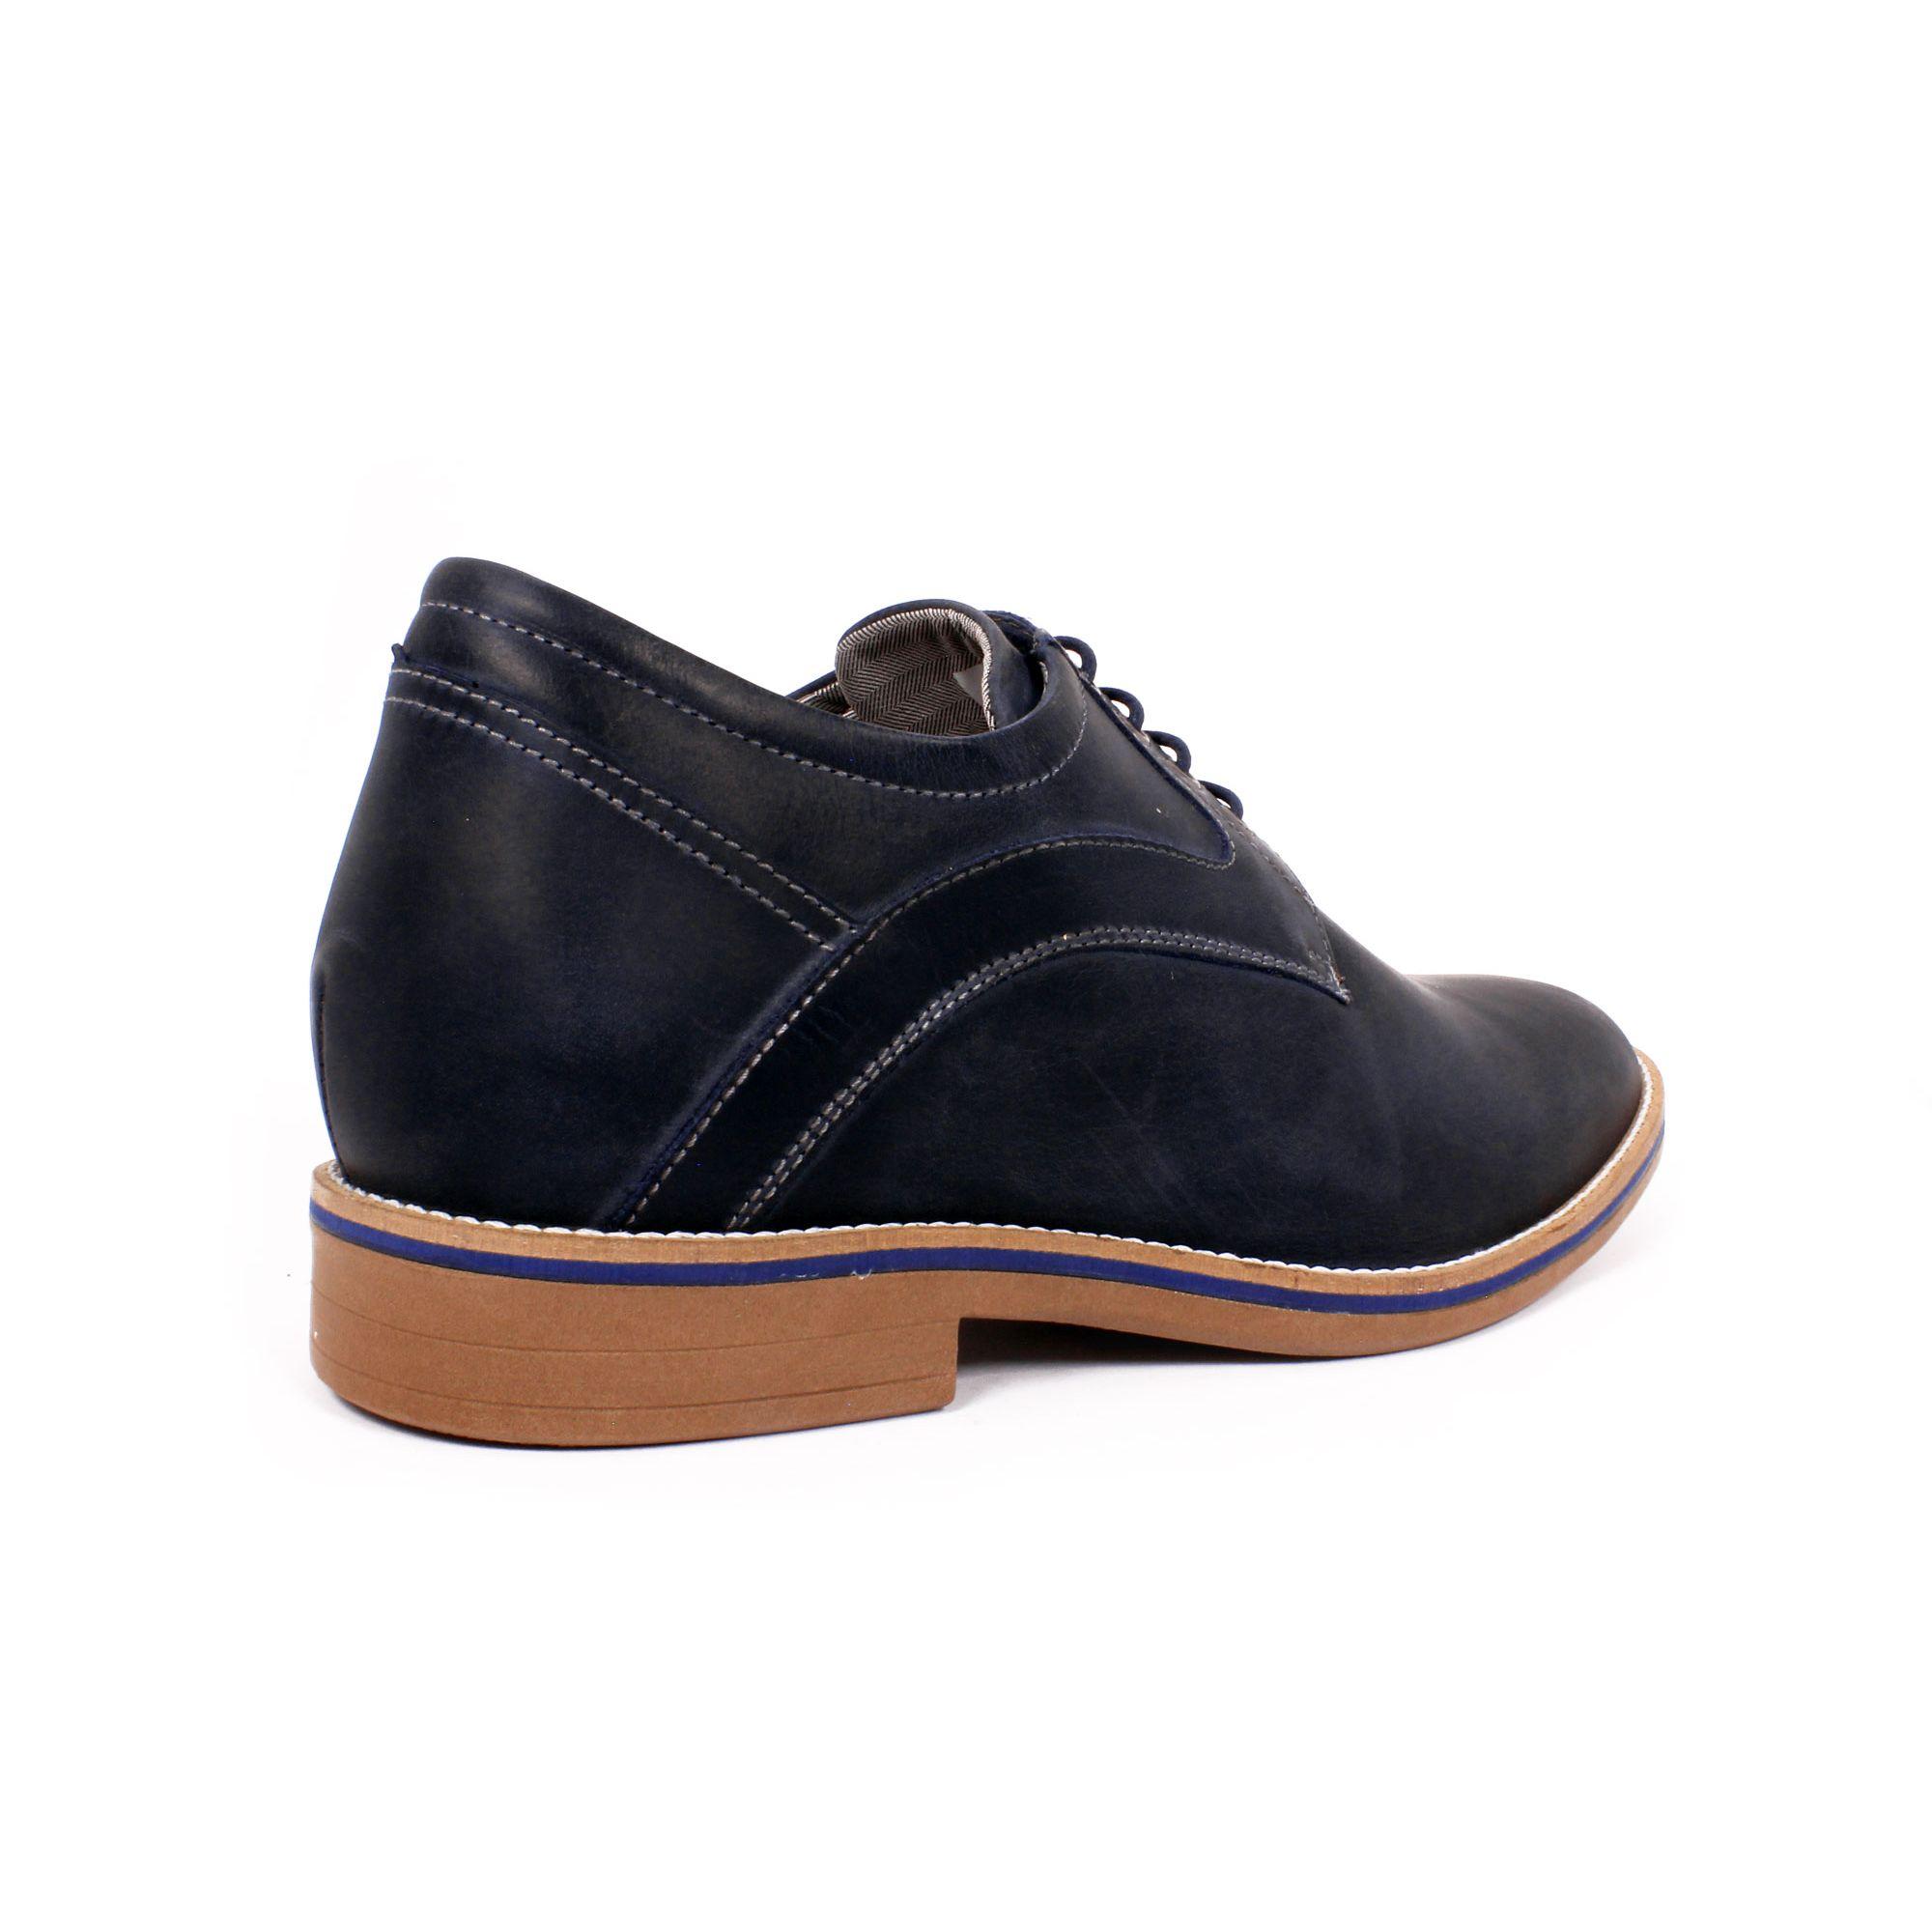 Zapato Casual Culture Azul Max Denegri +7cm de Altura_70795